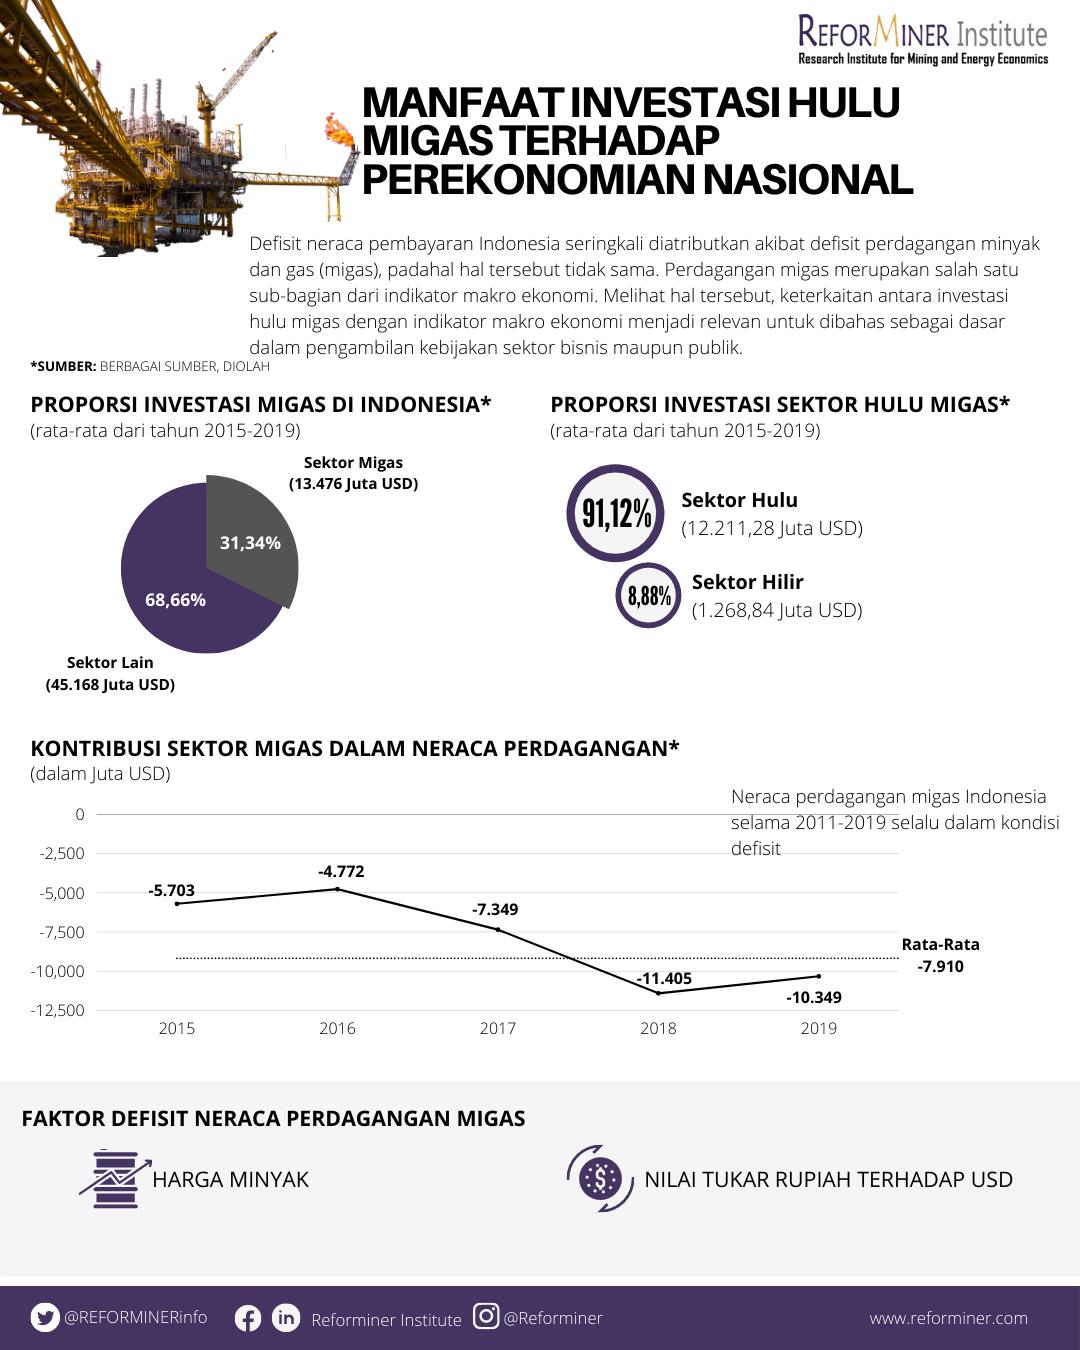 Studi Manfaat Investasi Hulu Migas dalam Mendukung Perekonomian Nasional (1)